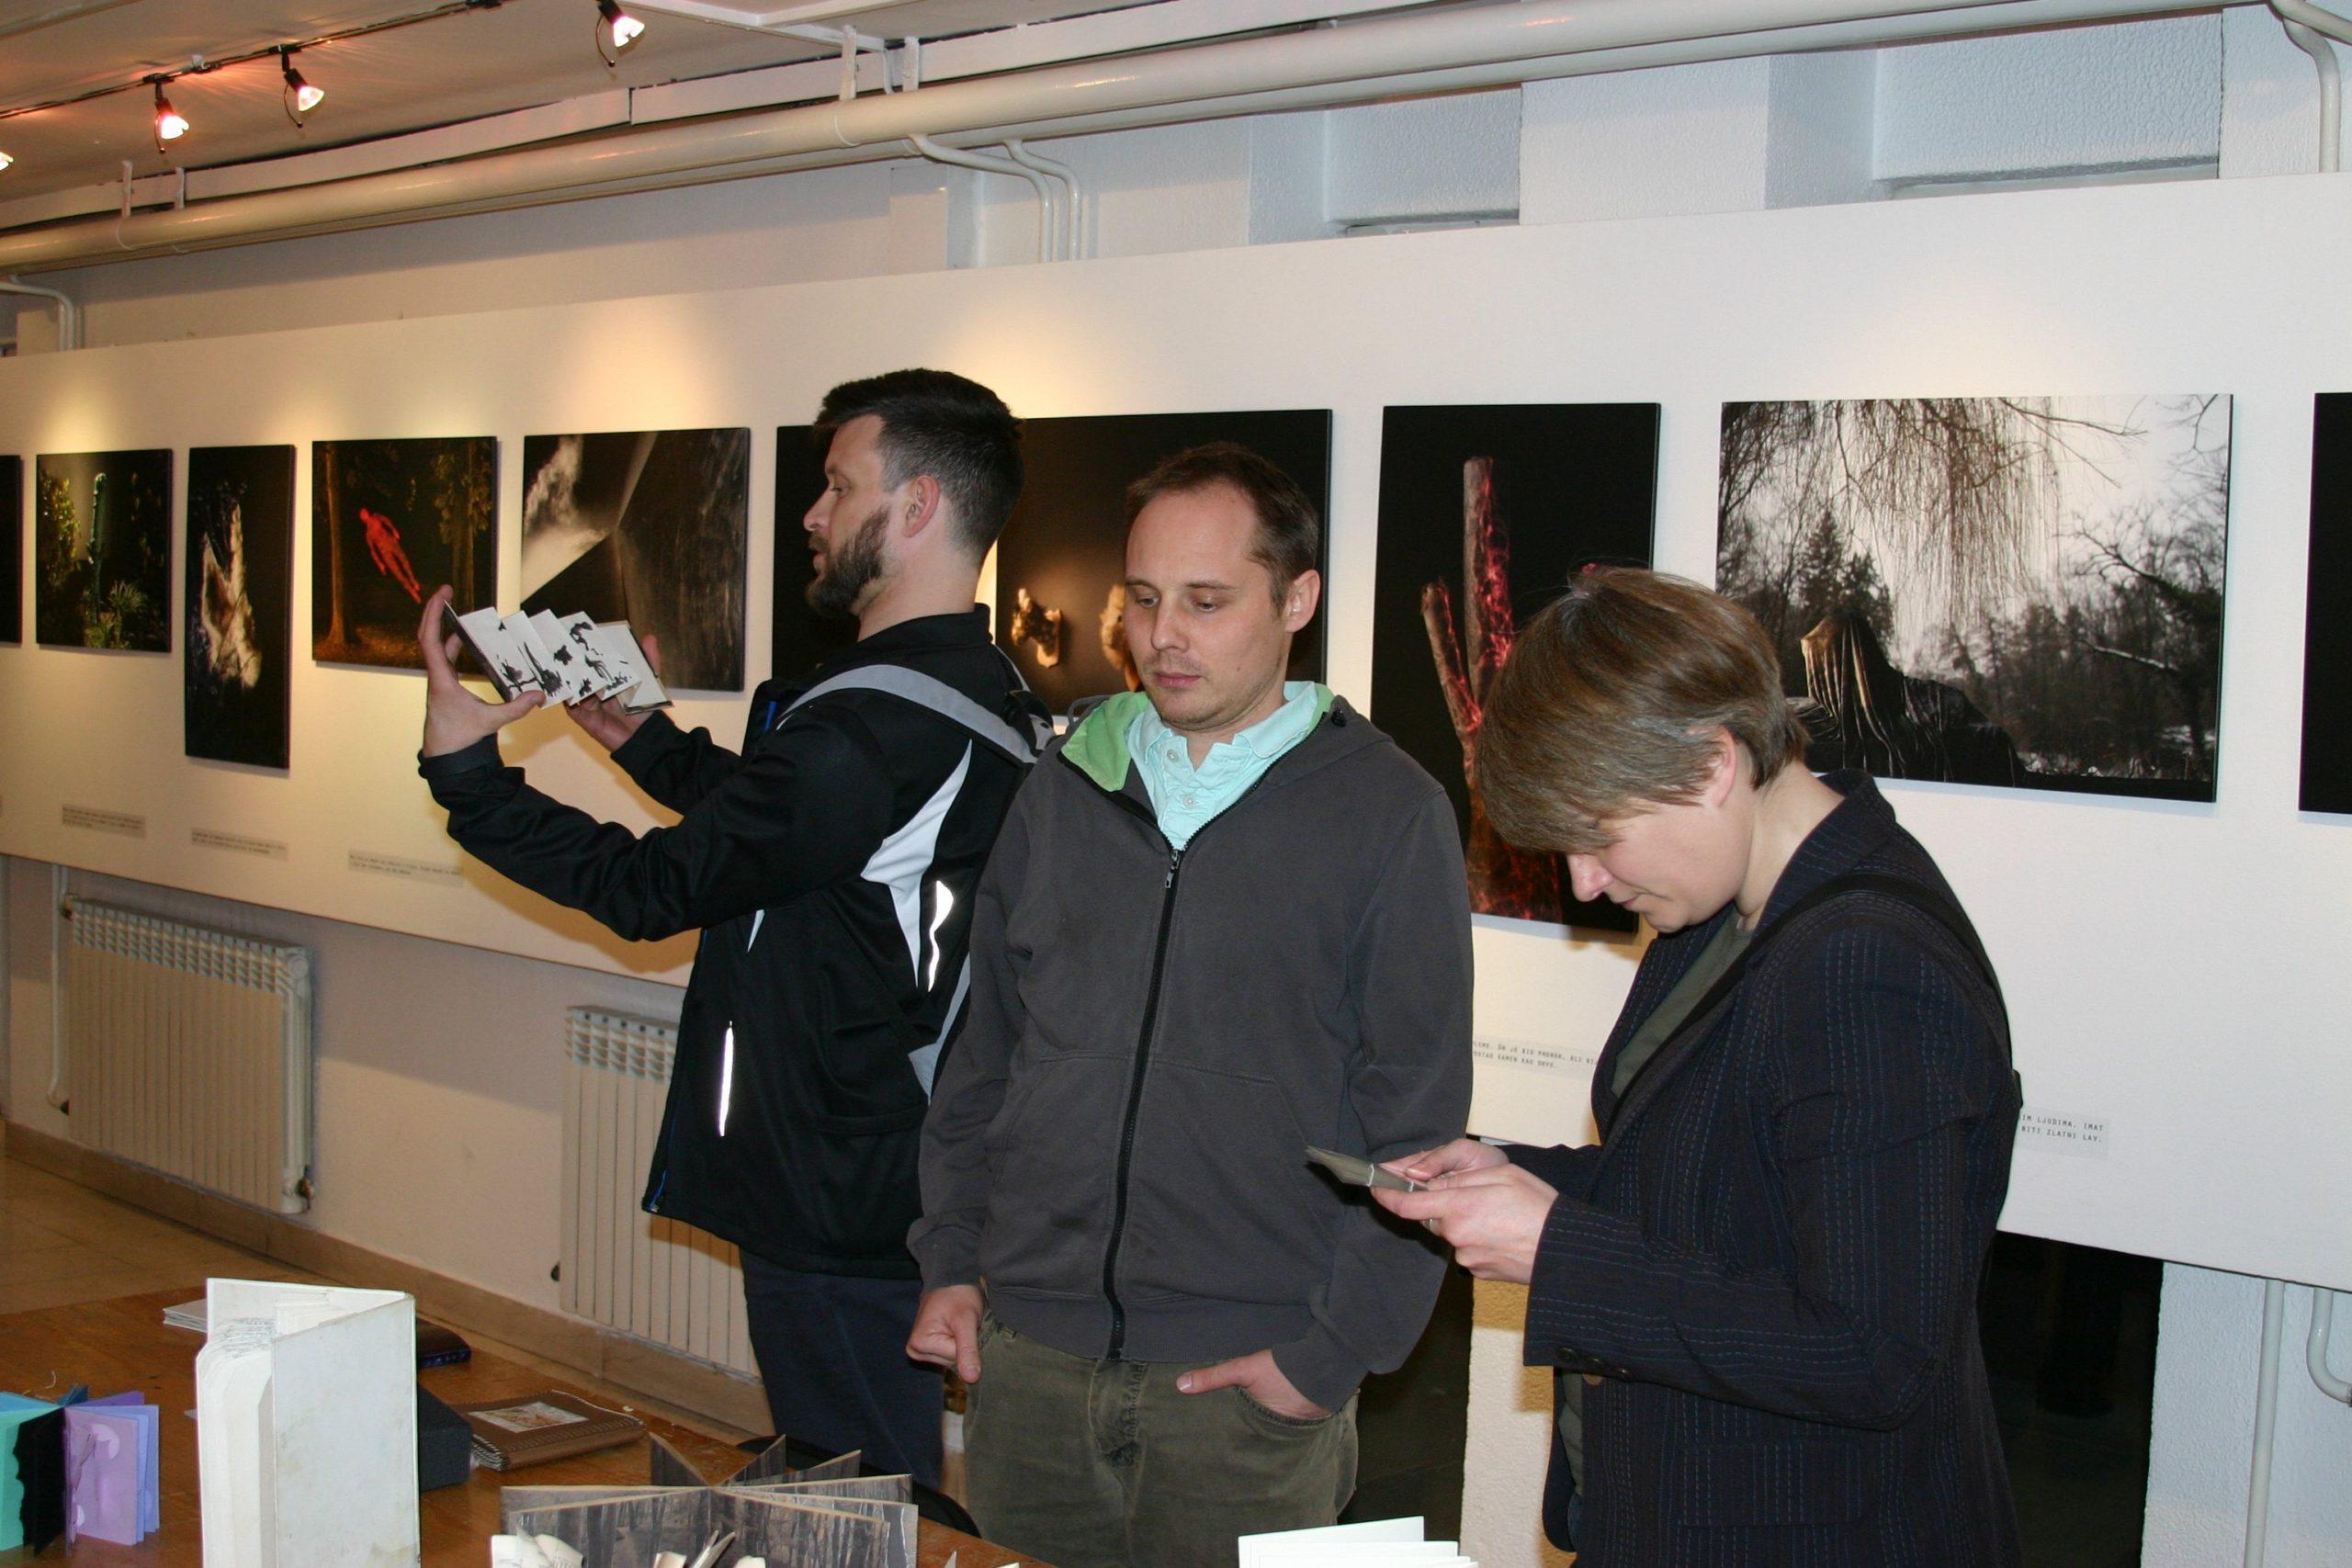 Natječaj galerije Modulor za izlaganje u 2022.